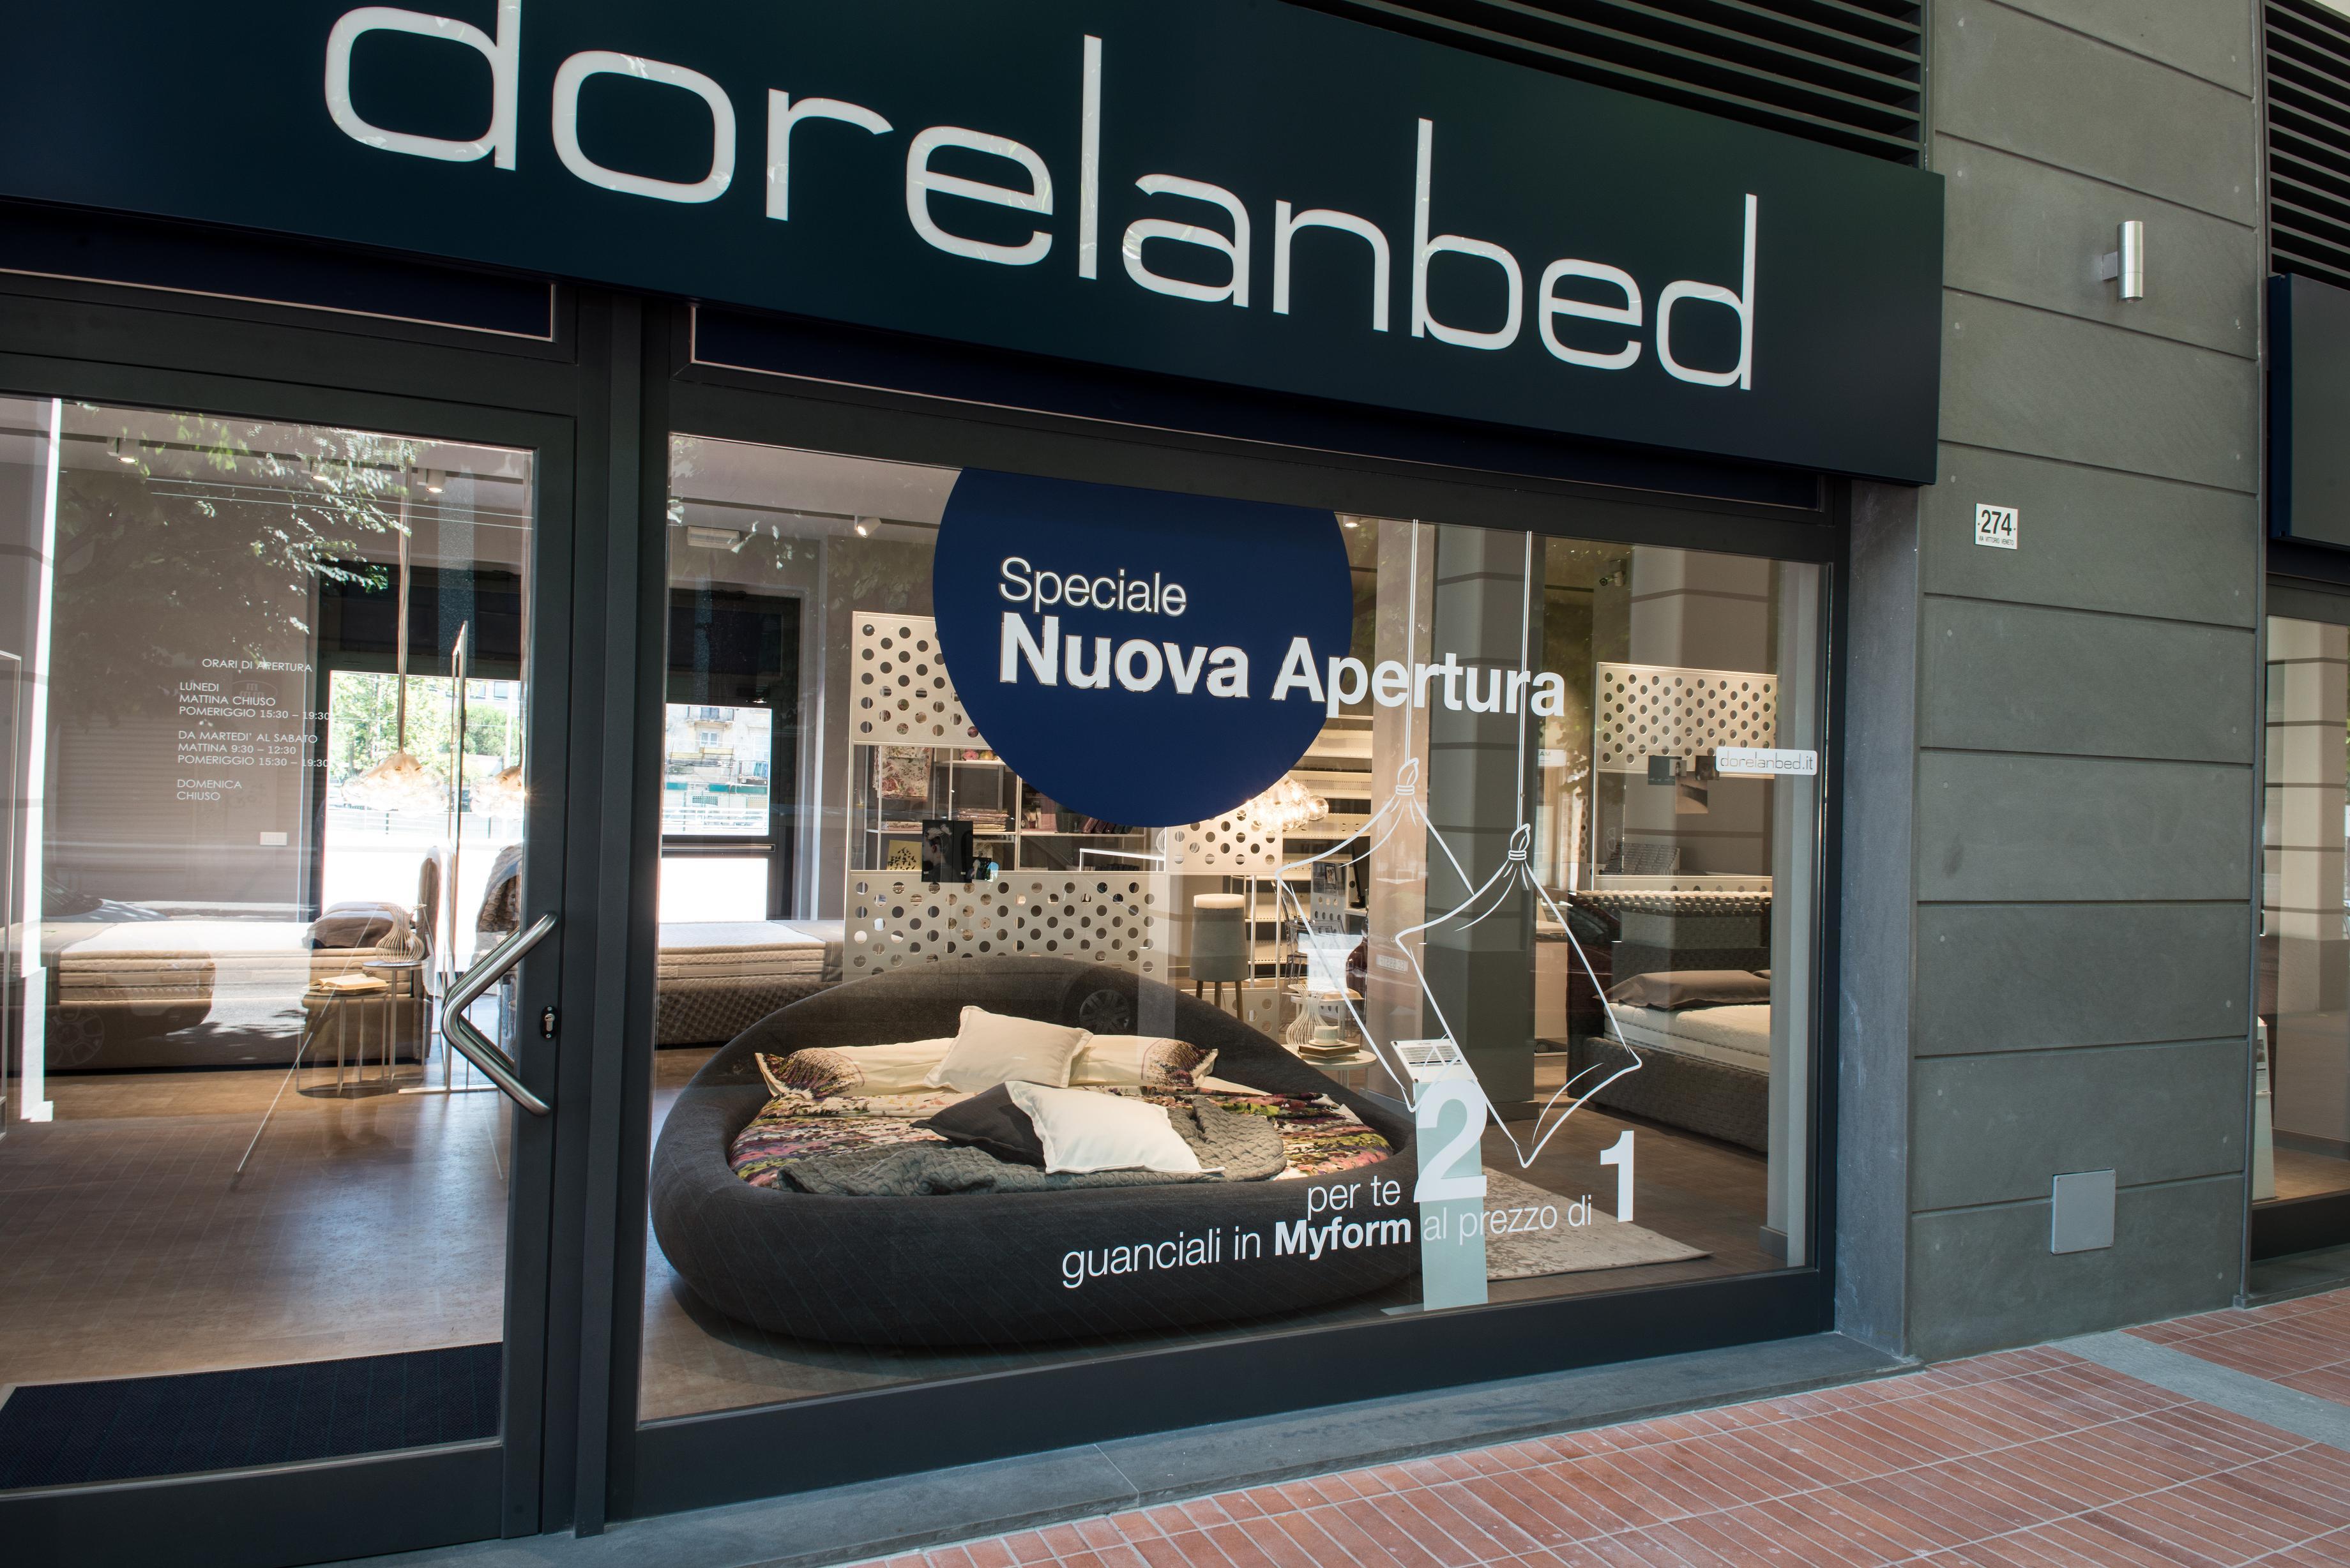 Dorelanbed 2.0 in La Spezia – Interni Magazine